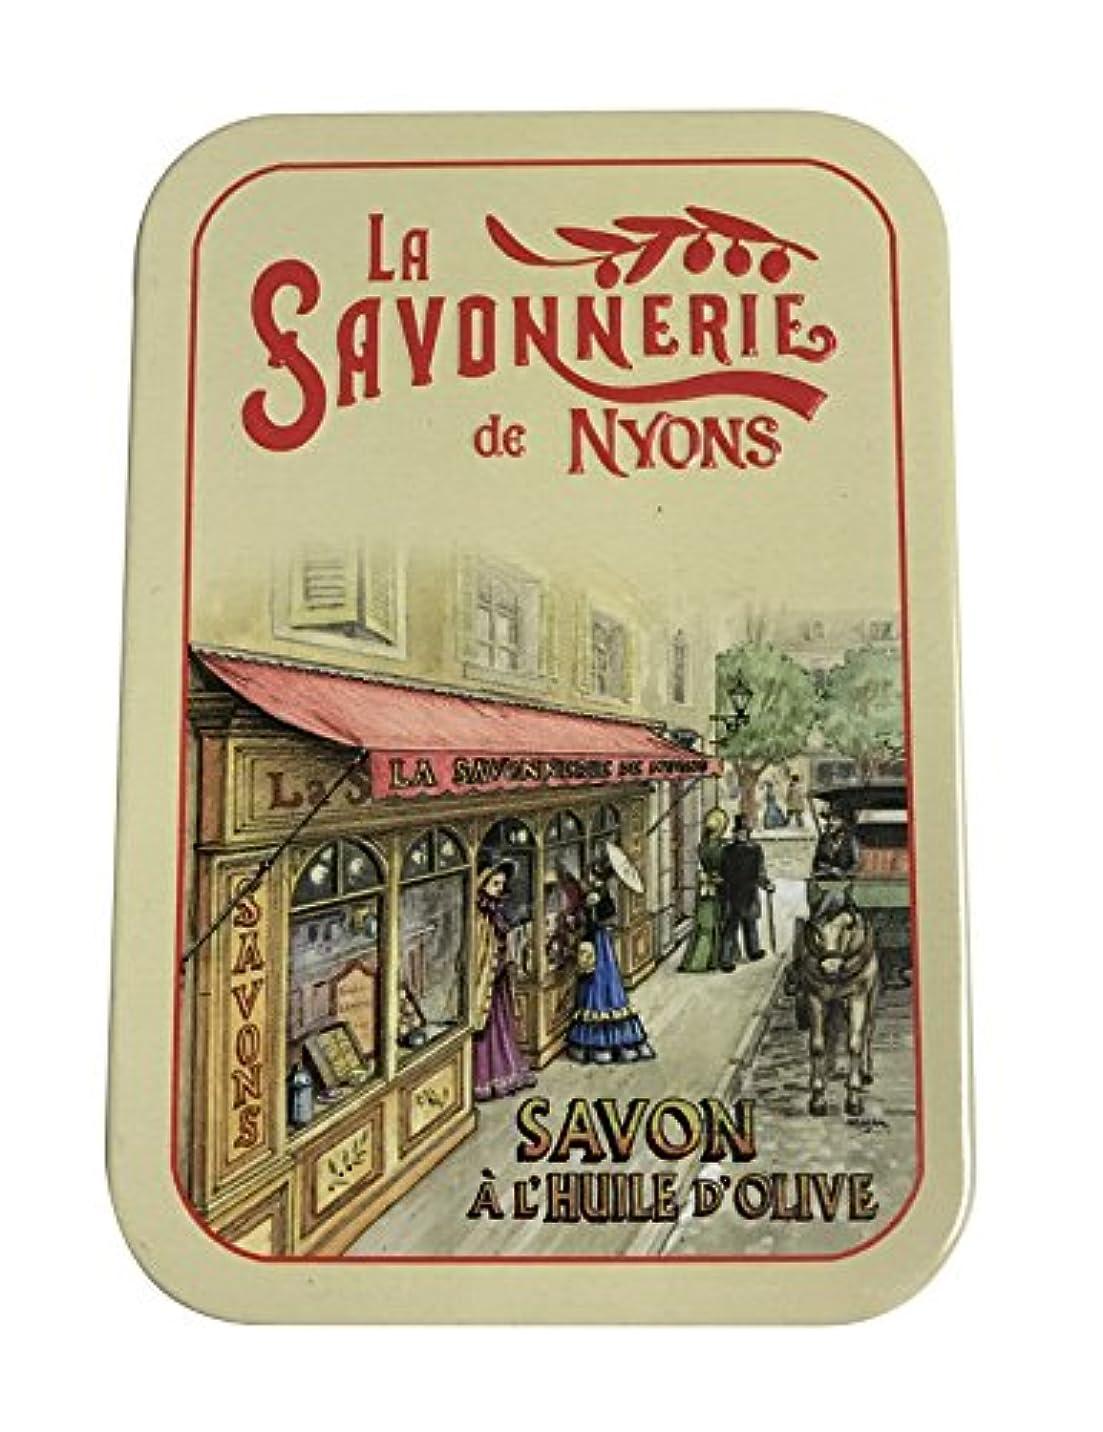 ケーキリングレット思慮深いラ?サボネリー アンティーク缶入り石鹸 タイプ200 パリの町並み(コットンフラワー)